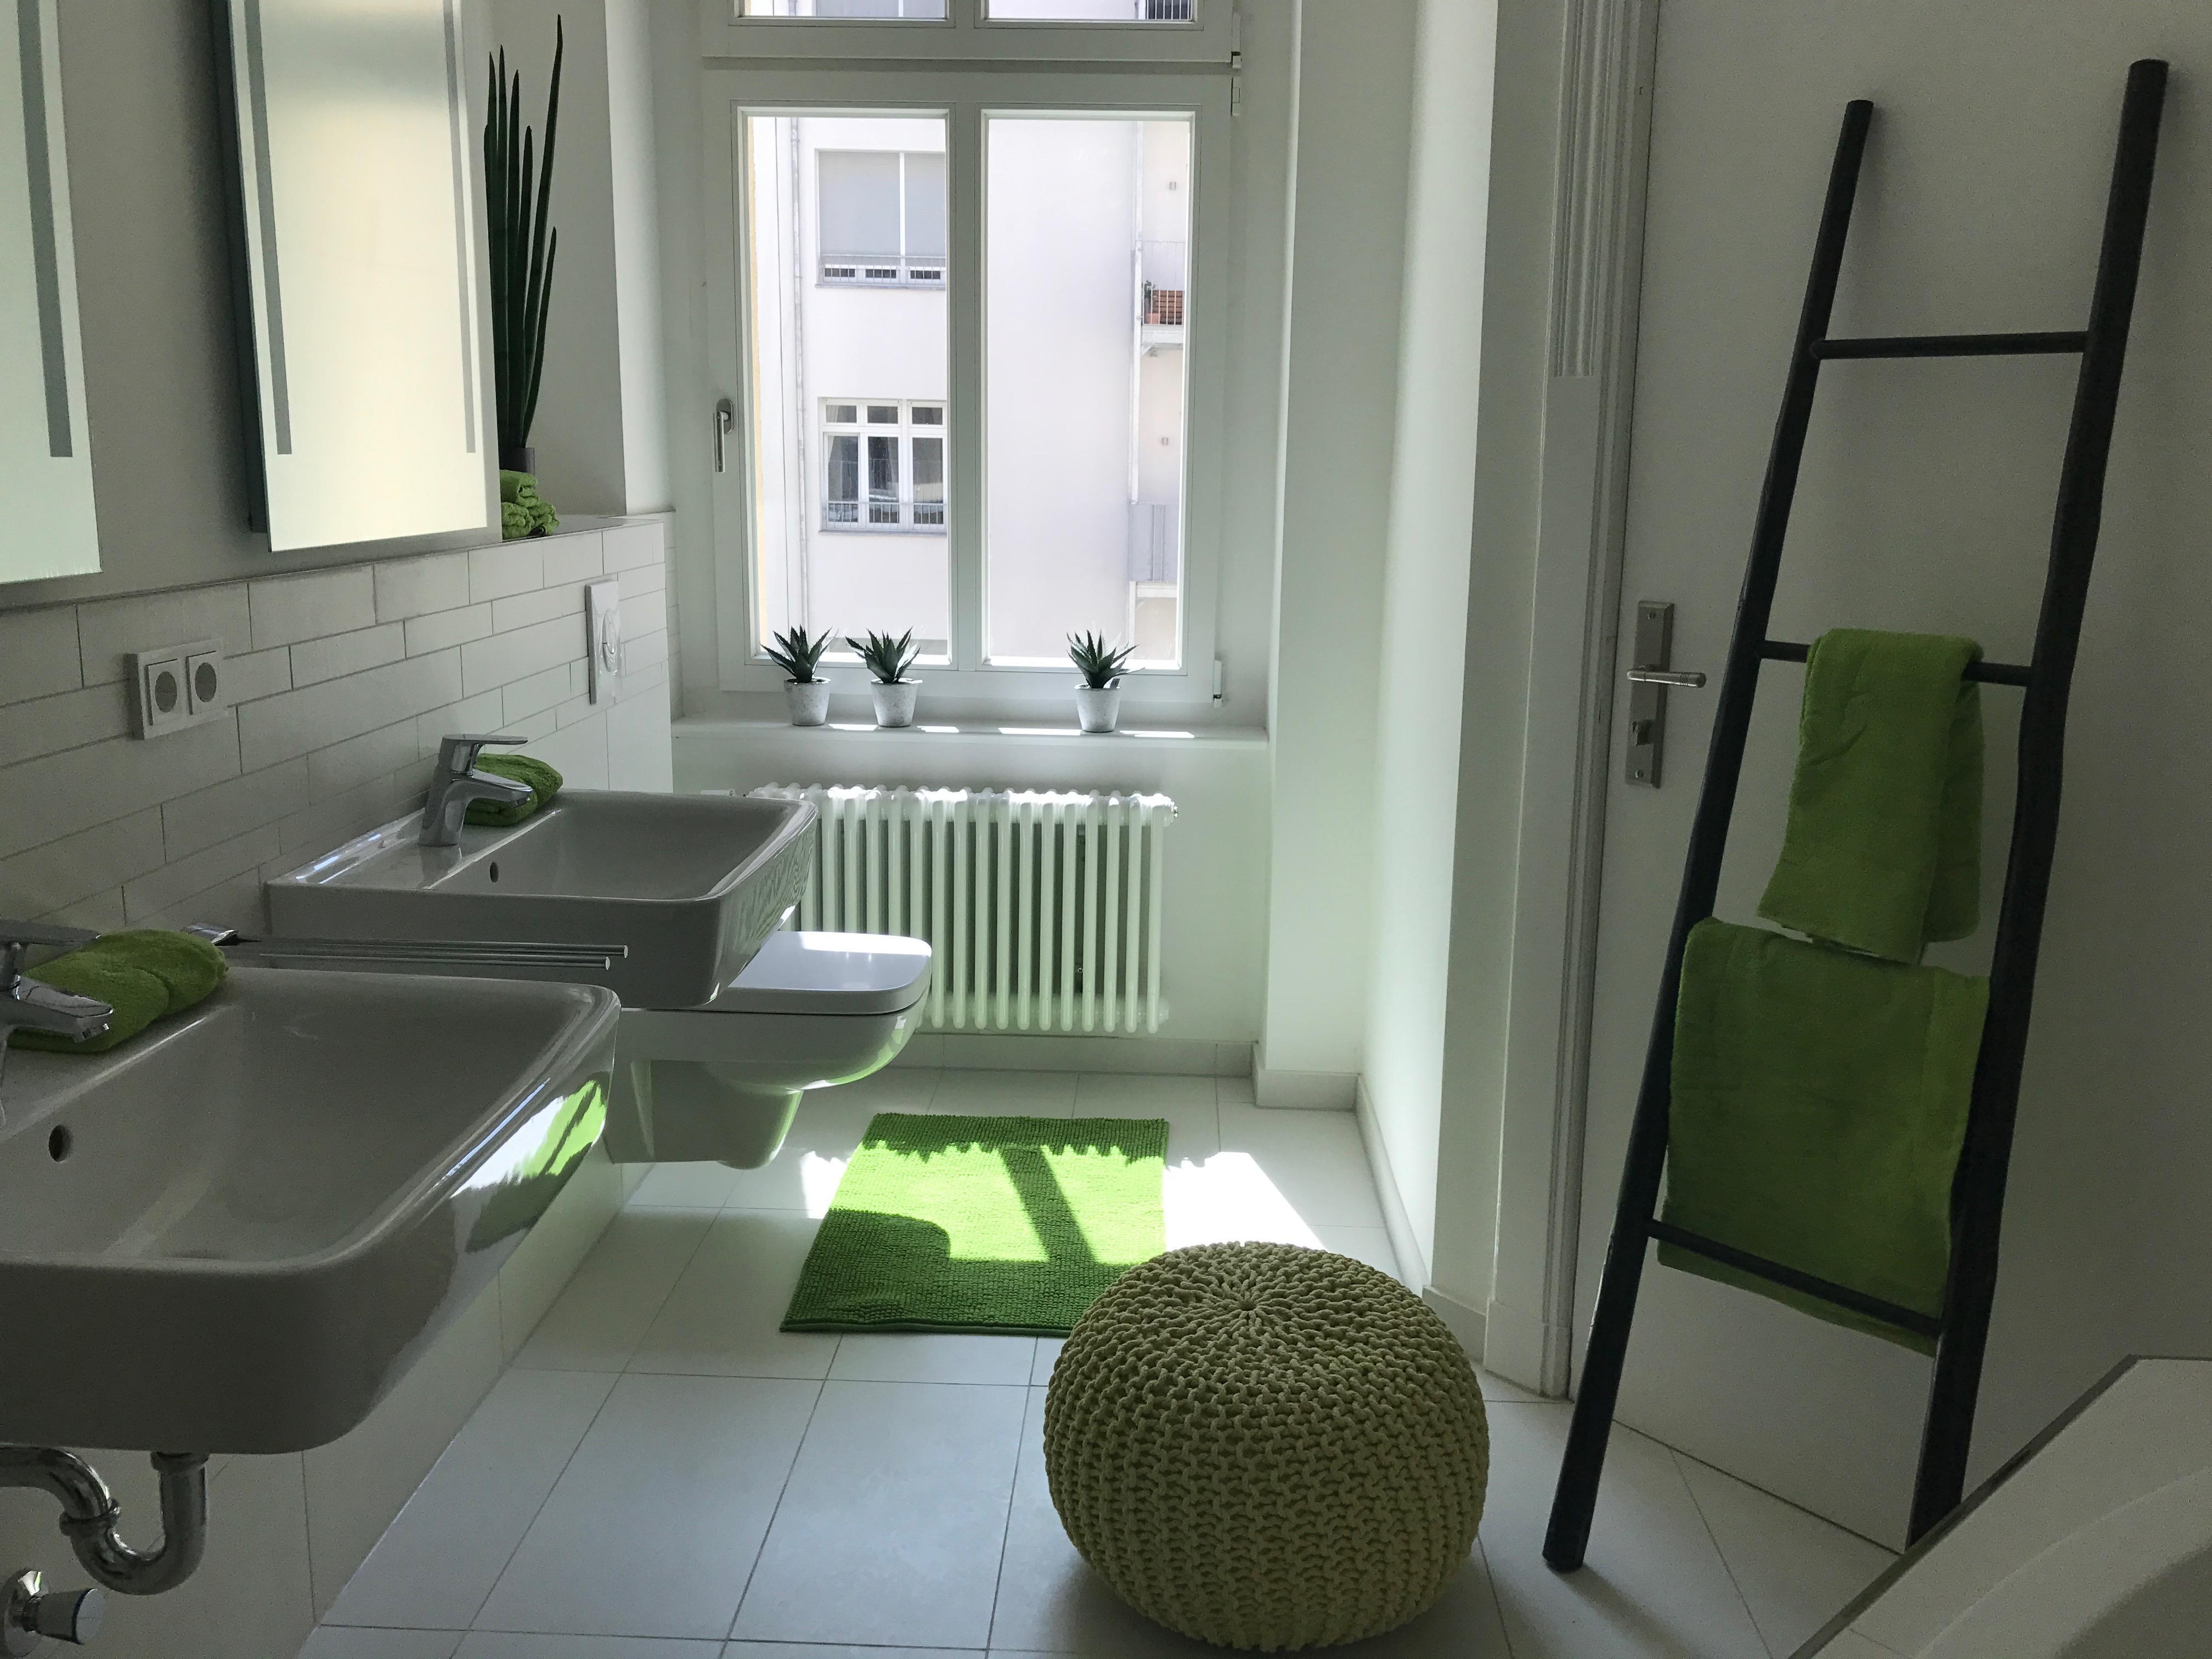 Badezimmer Mit farben im badezimmer bilder ideen couchstyle